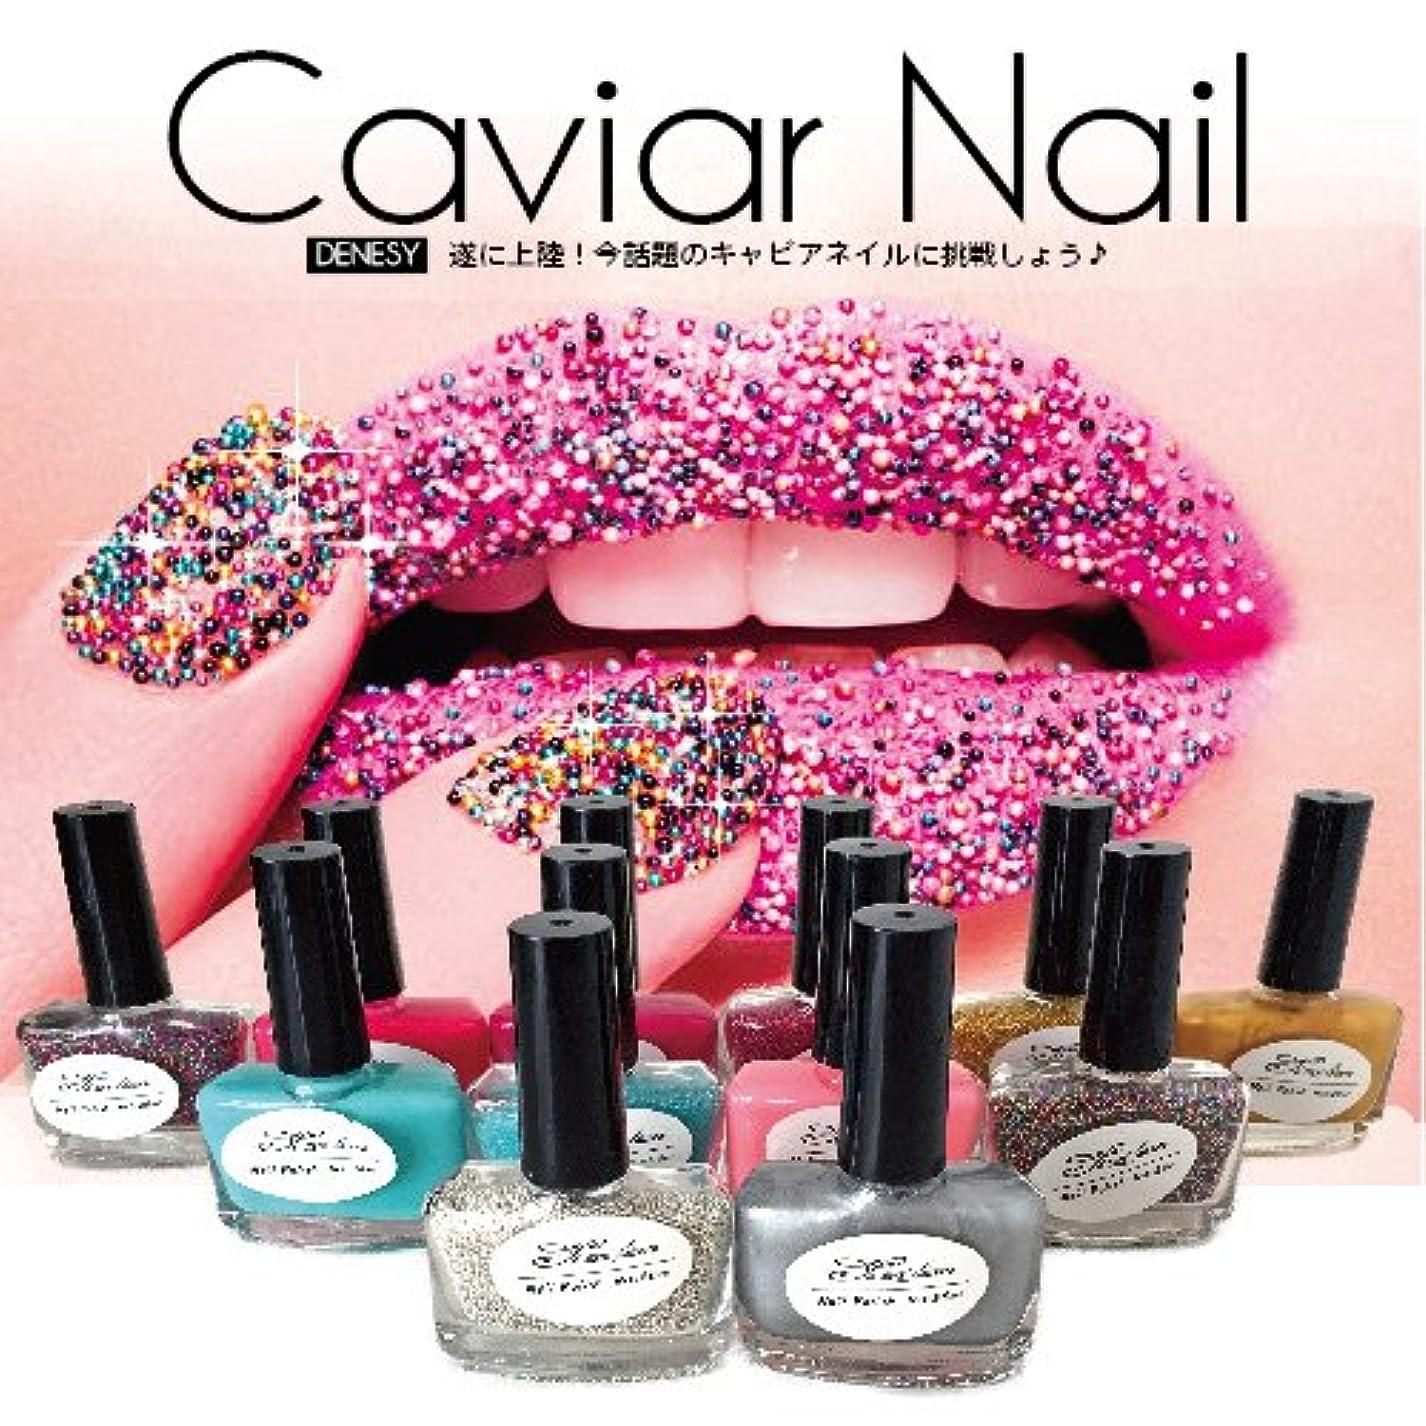 すごい回復する矢印キャビアネイル DENESY Caviar Nail (3点セット)NEWリニューアル 08:グリーン [マニキュア ネイルカラー ネイルポリッシュ SHANTI Caviar Manicure kit]